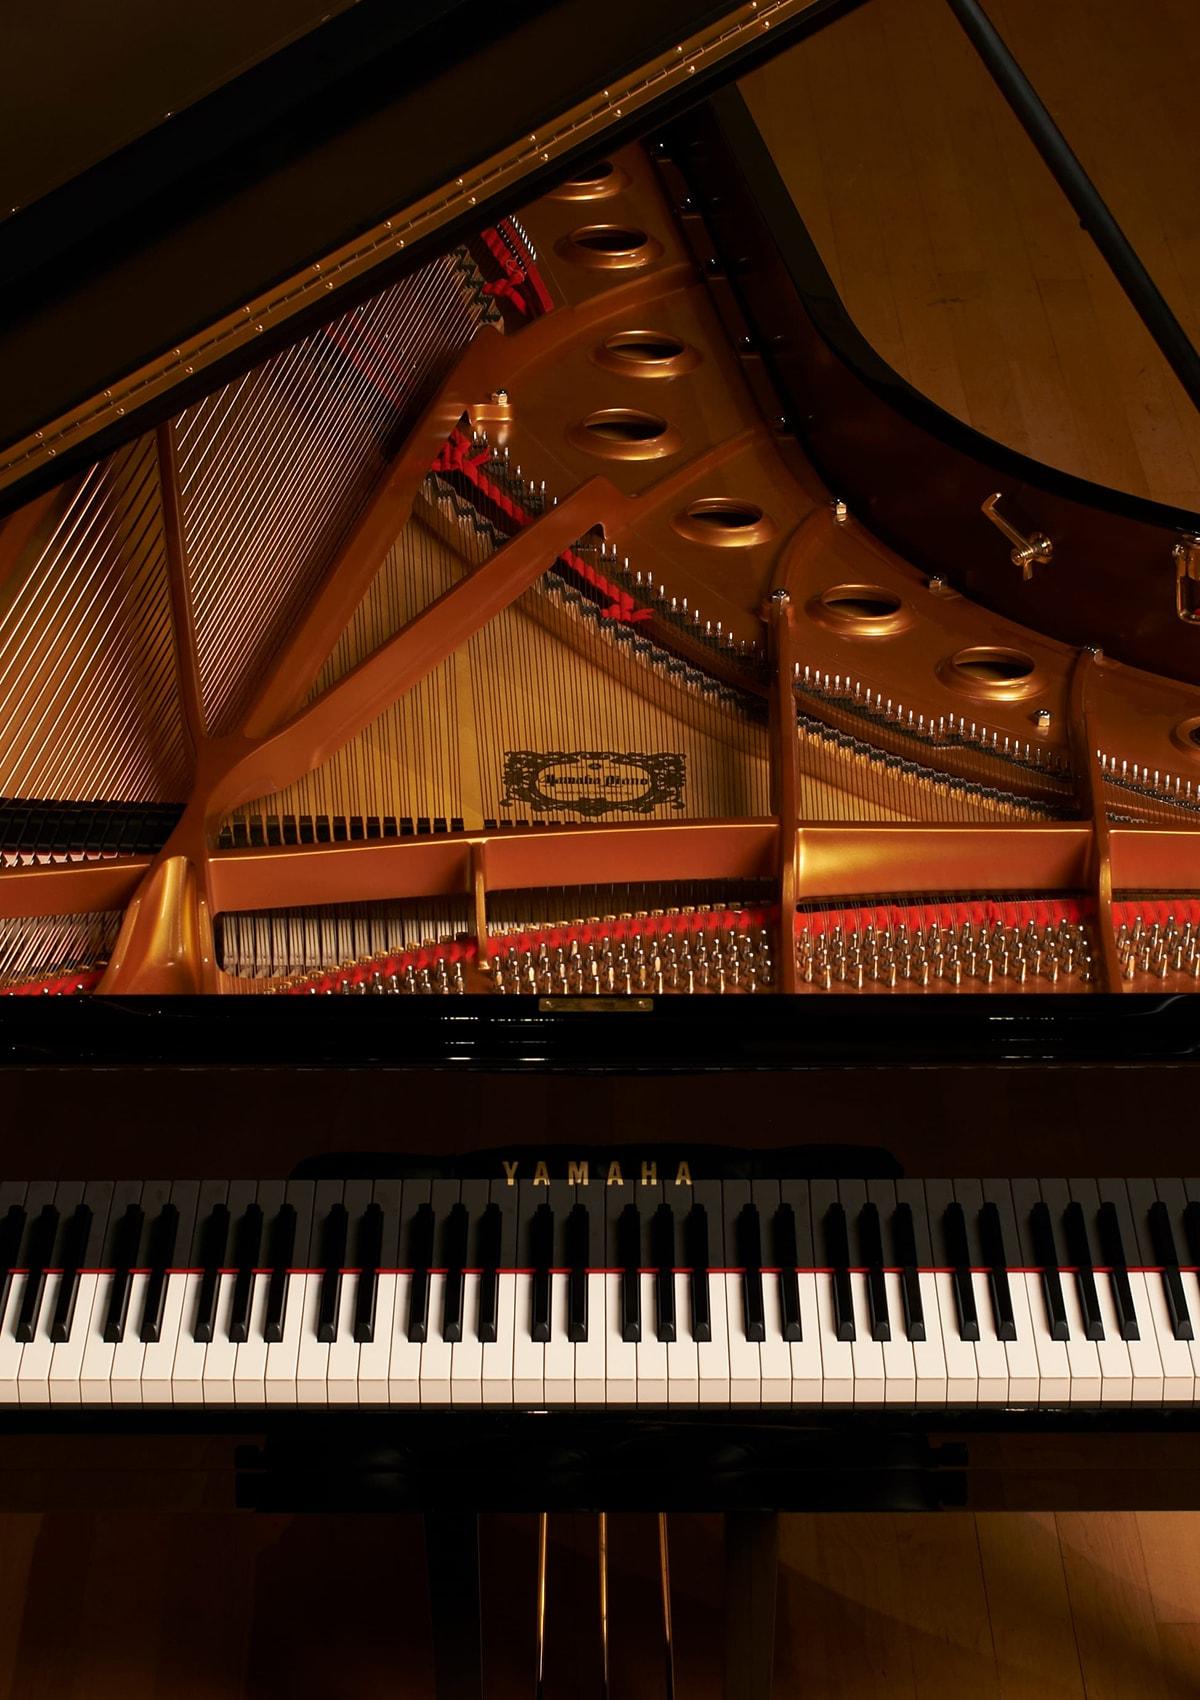 Đàn Piano - Nhạc cụ - Sản phẩm - Yamaha - Việt Nam